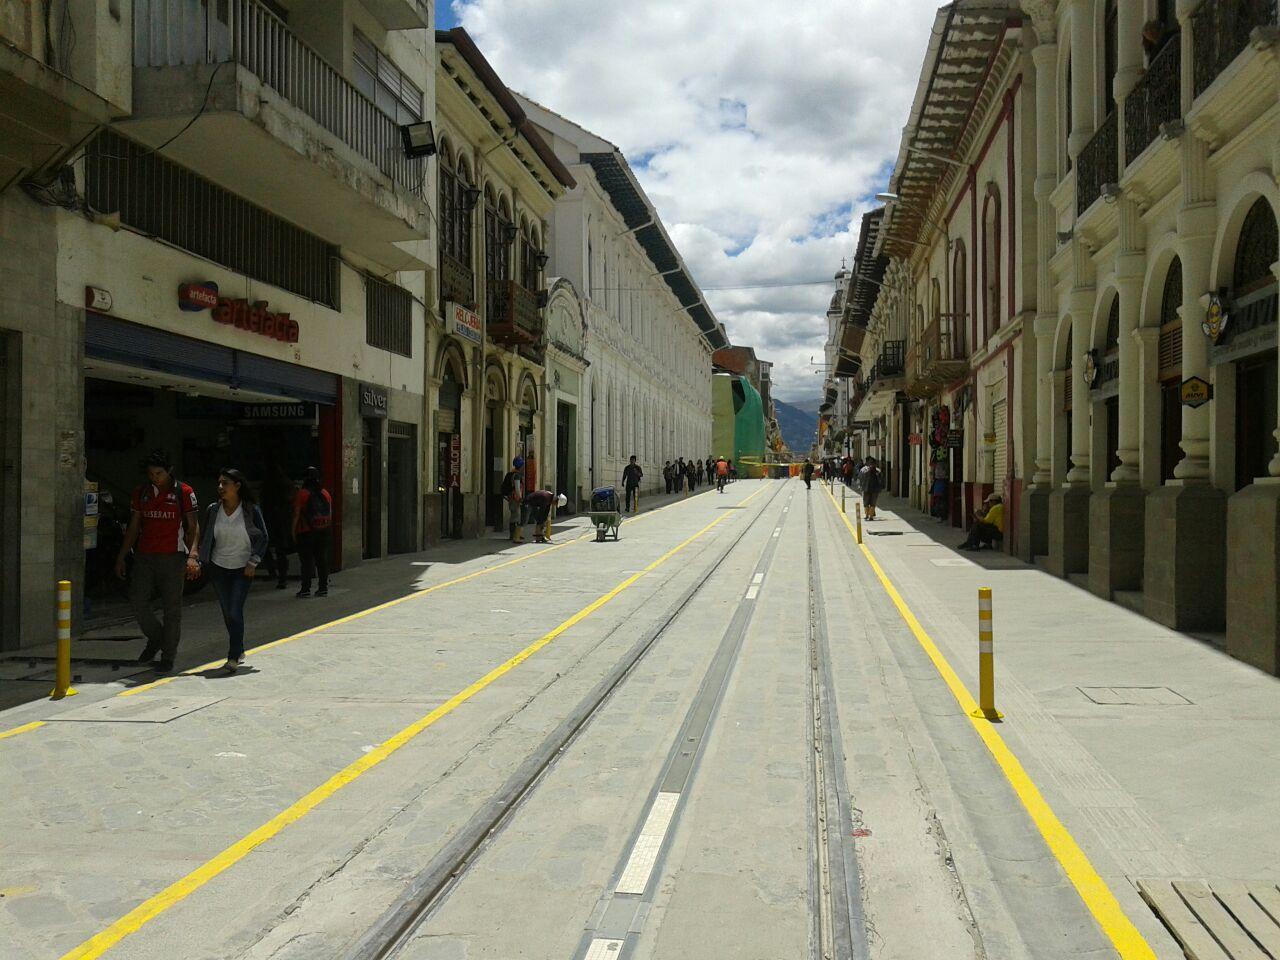 Dlouhá ulice Gran Colombia ještě jednou. Tentokrát s již osazenými výstražnými sloupky. (foto: Tranvía Cuenca)